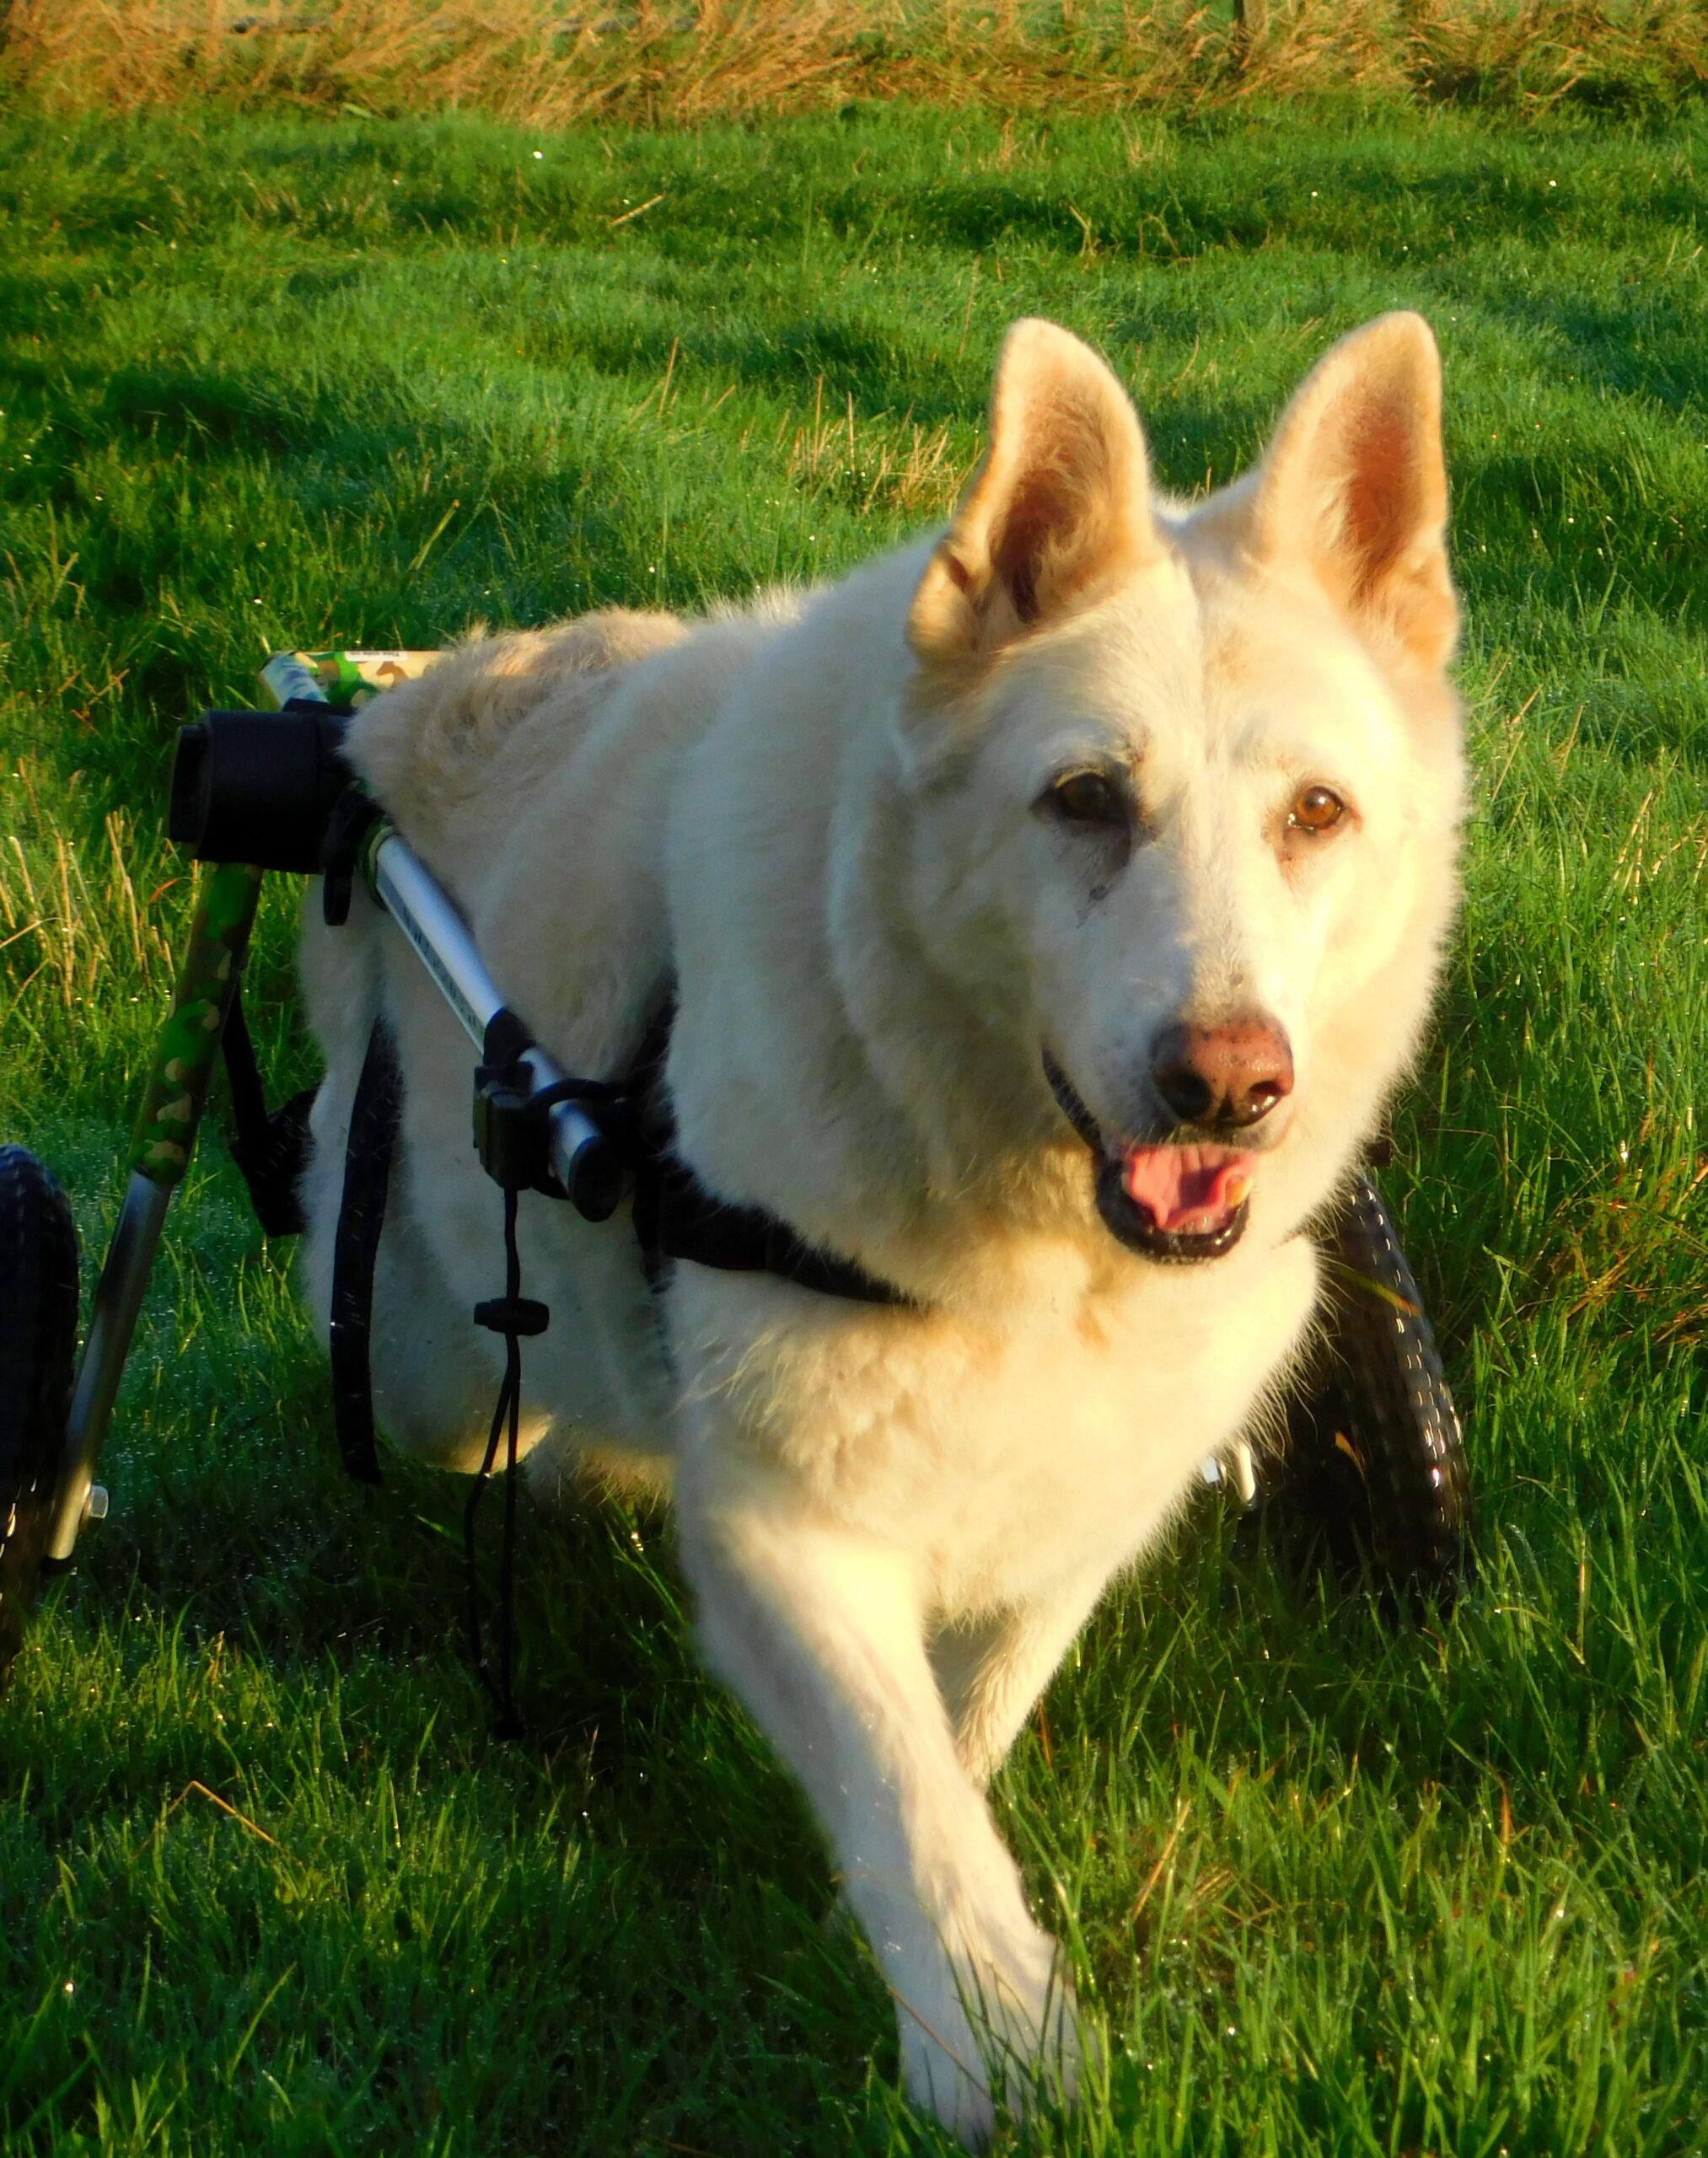 Daisy in her Walkin' Wheels